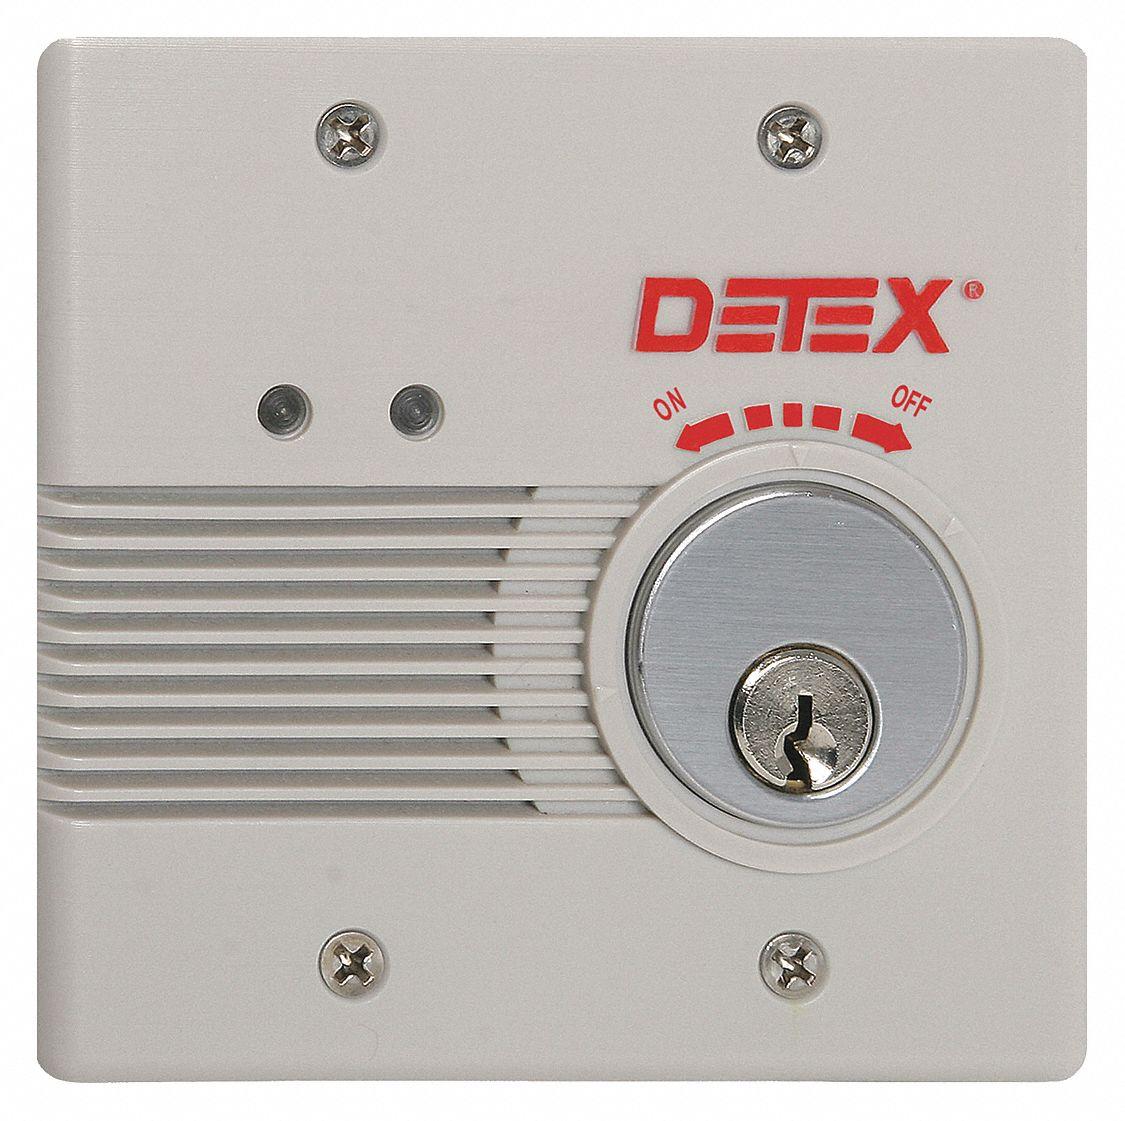 Detex Exit Door Alarm 12 24vdc Horn 100db 44zv20 Eax